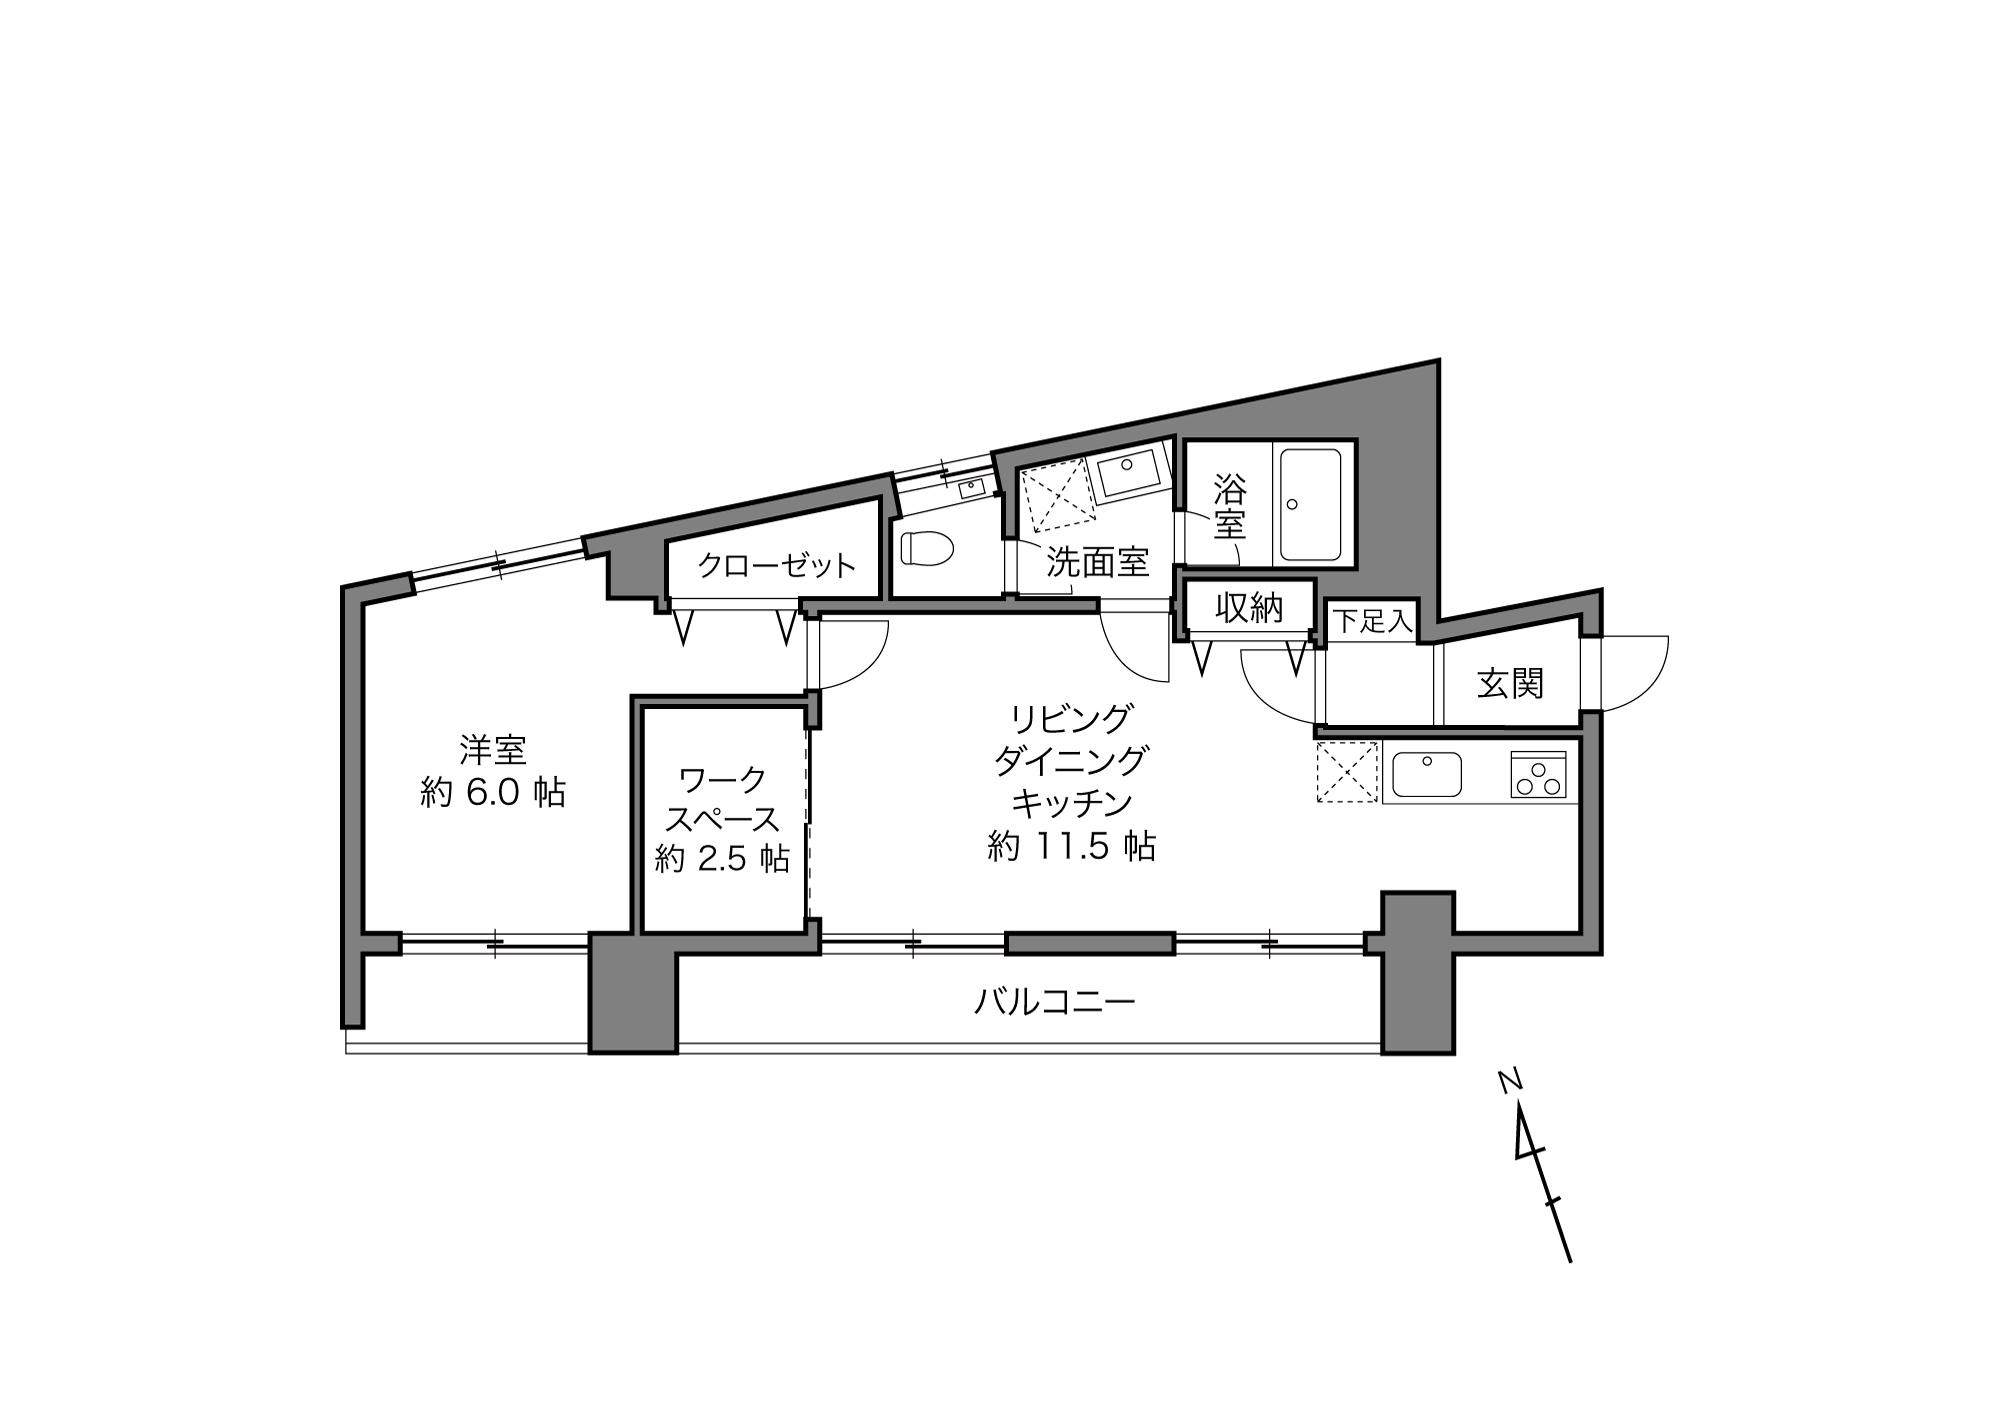 面影橋駅 / 1LDK+Work Space / 55.51㎡